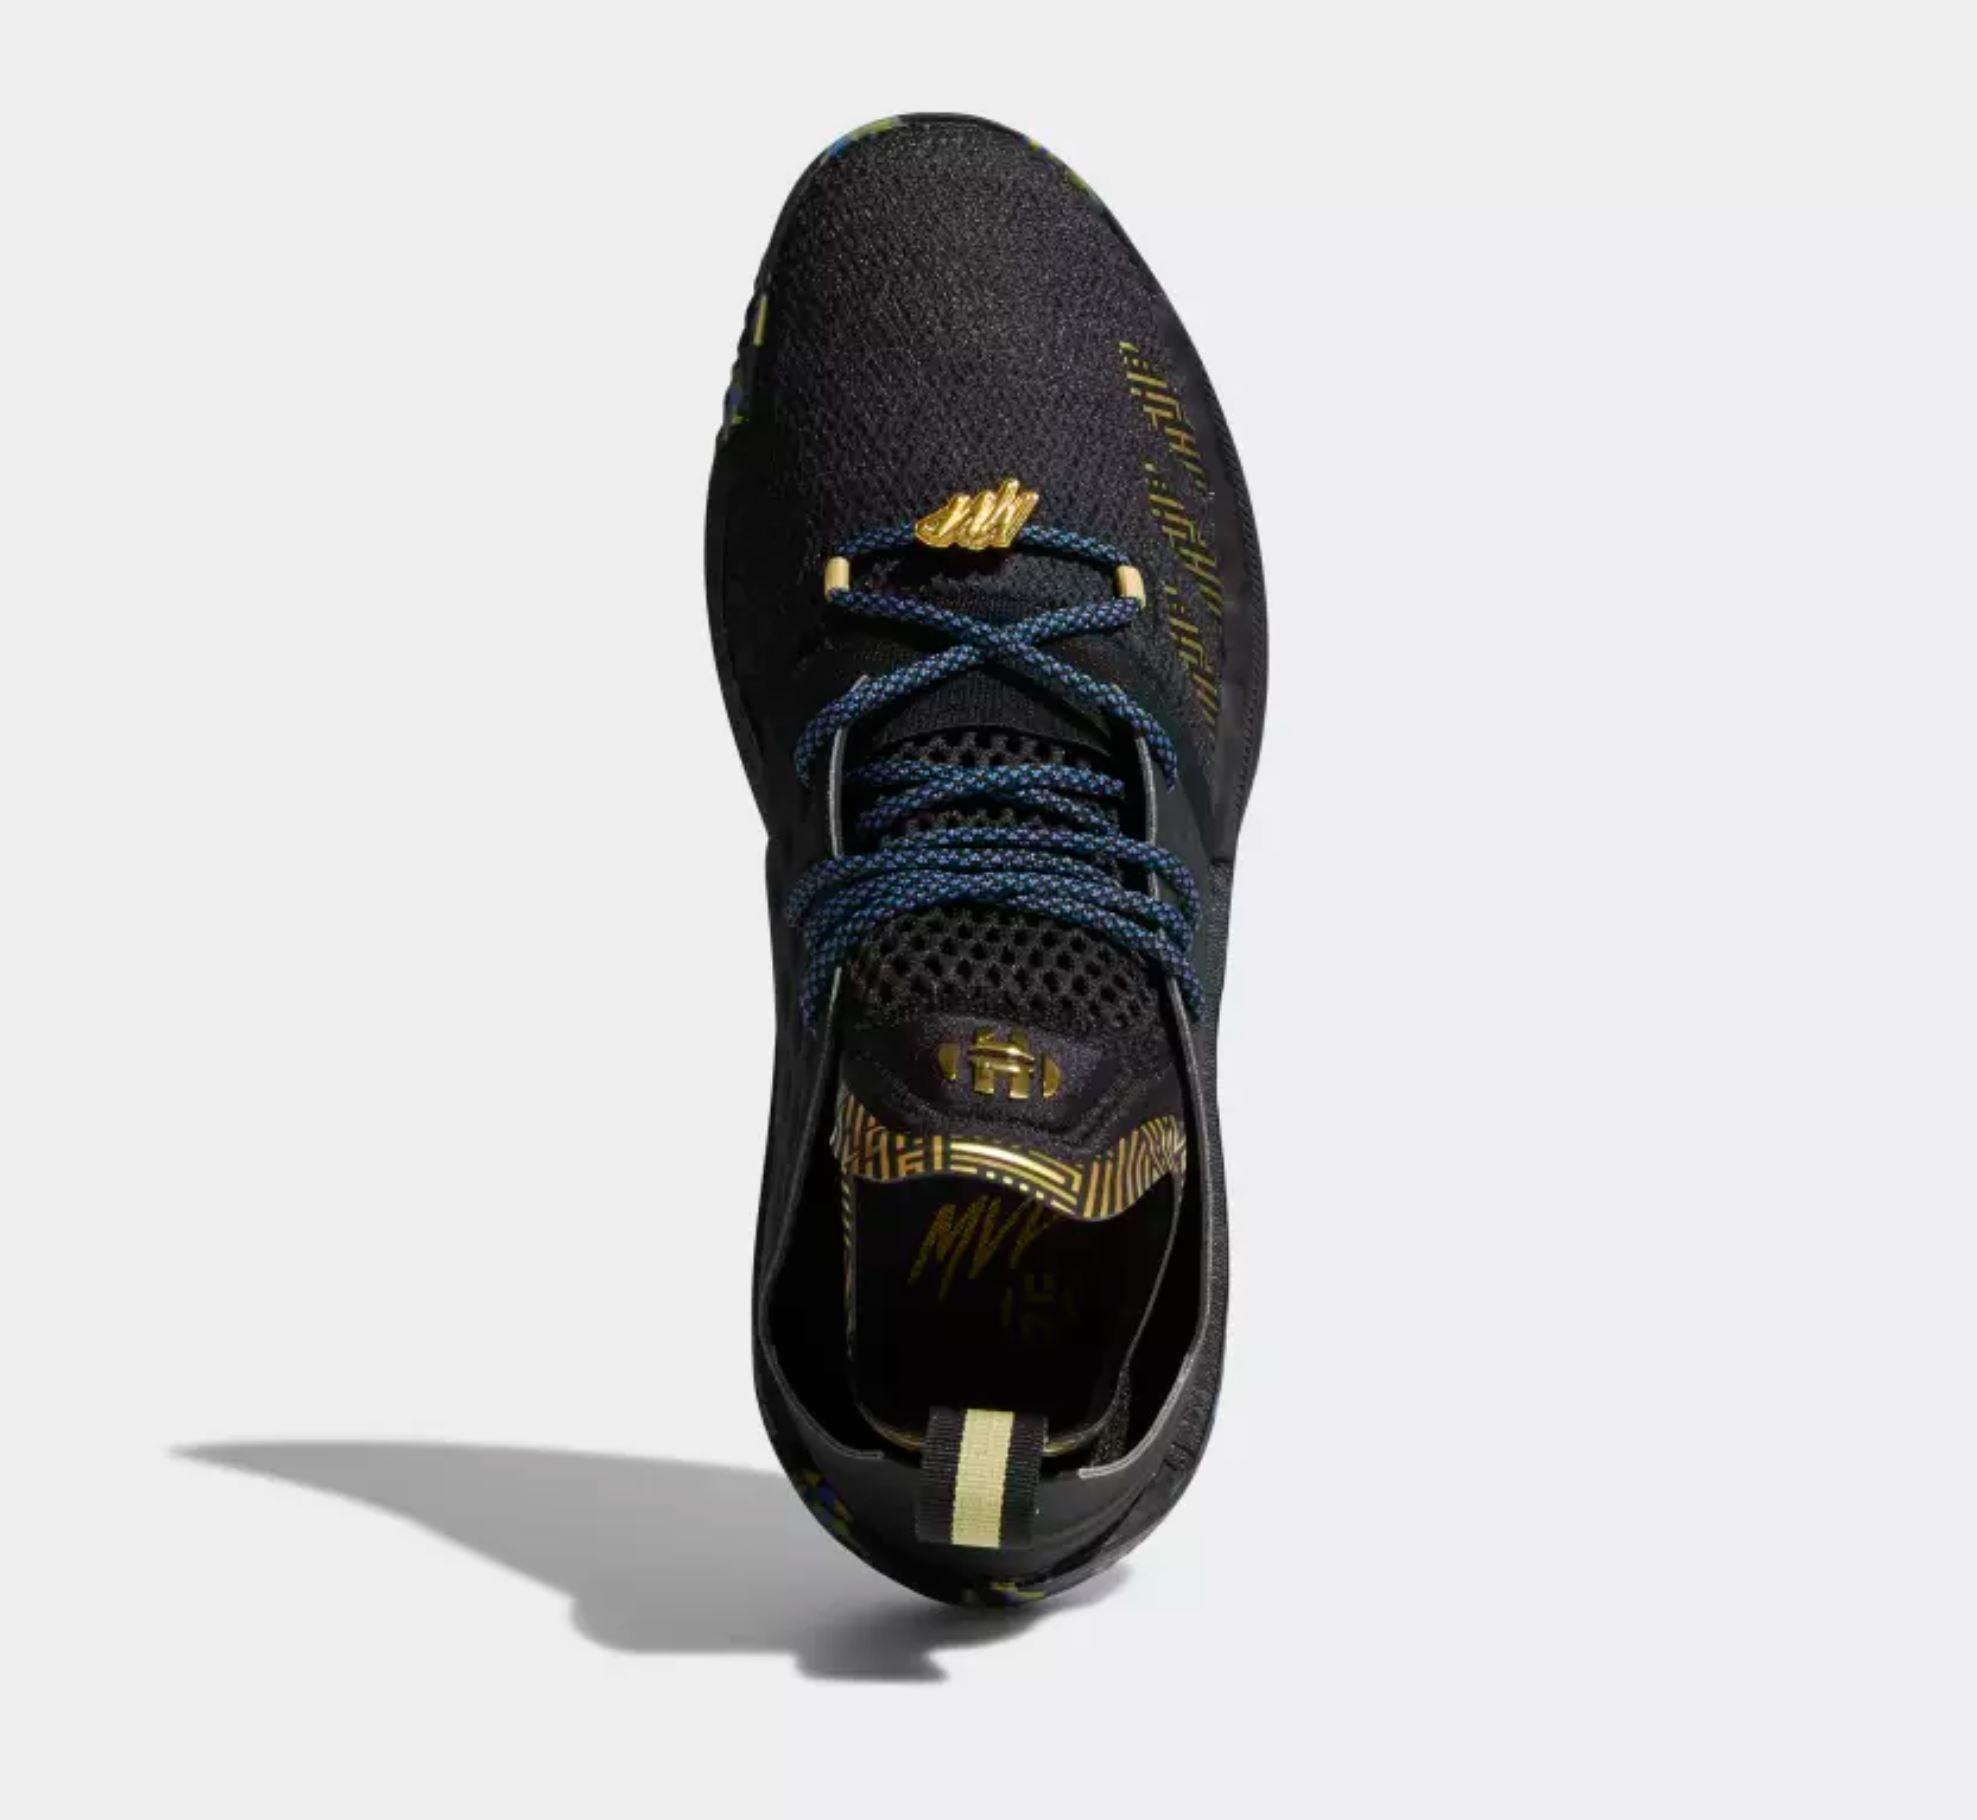 8bdfb934f0b jual sepatu basket harden 2 mvp gilasepatu malang